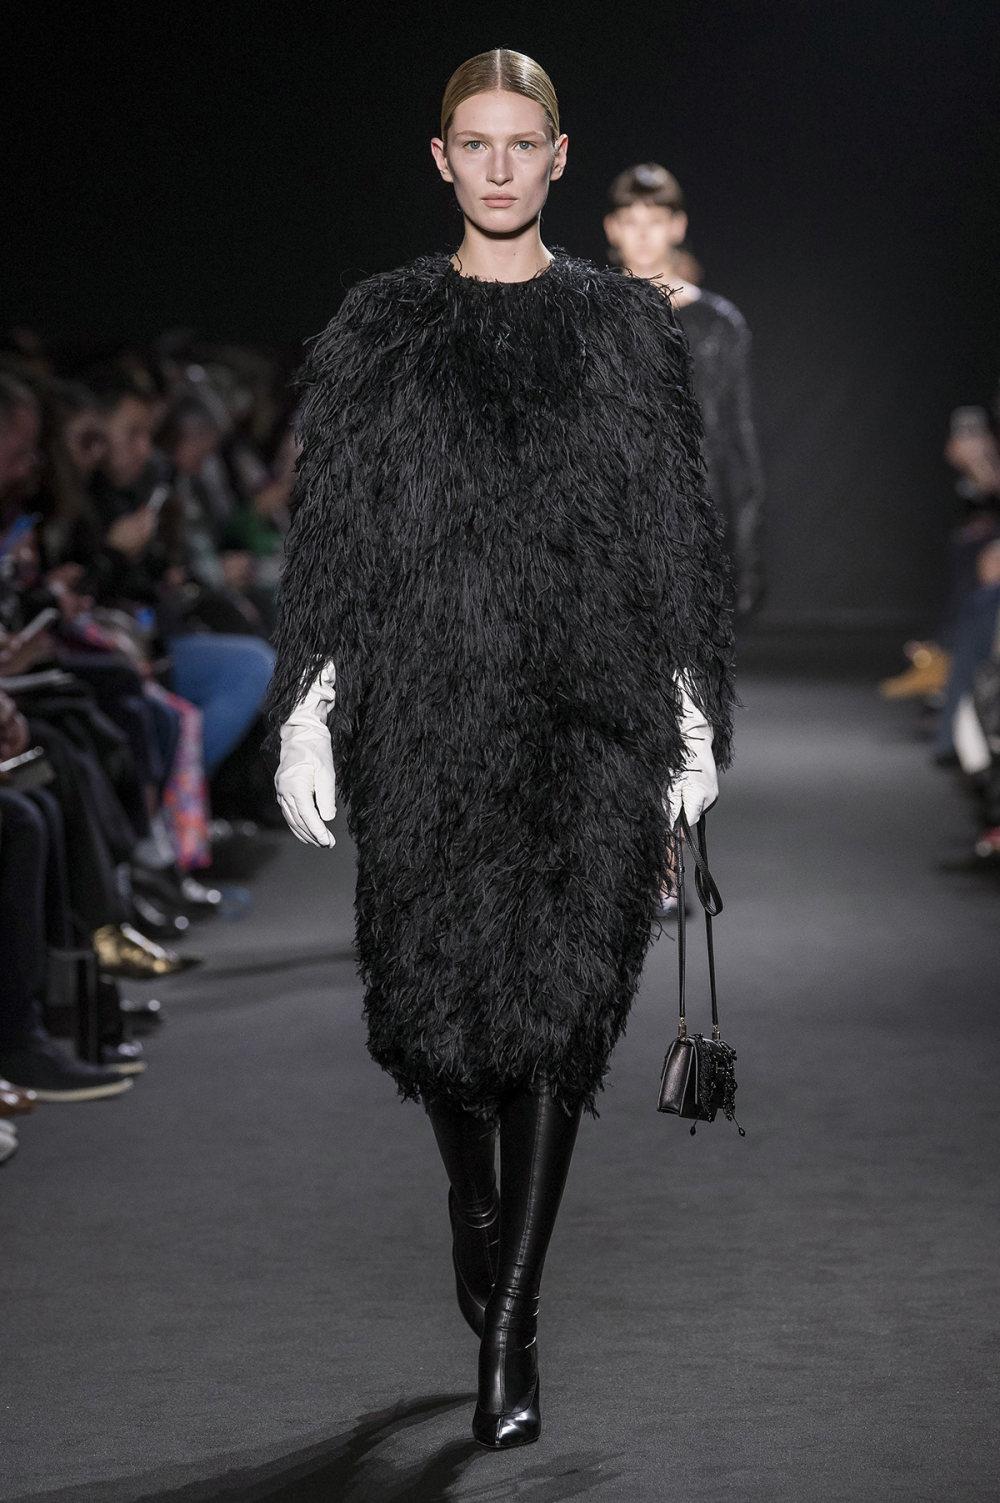 Rochas时装系列黑色无领斜纹软呢褶皱的黑色裙身饰有超细短袖衬衫-7.jpg